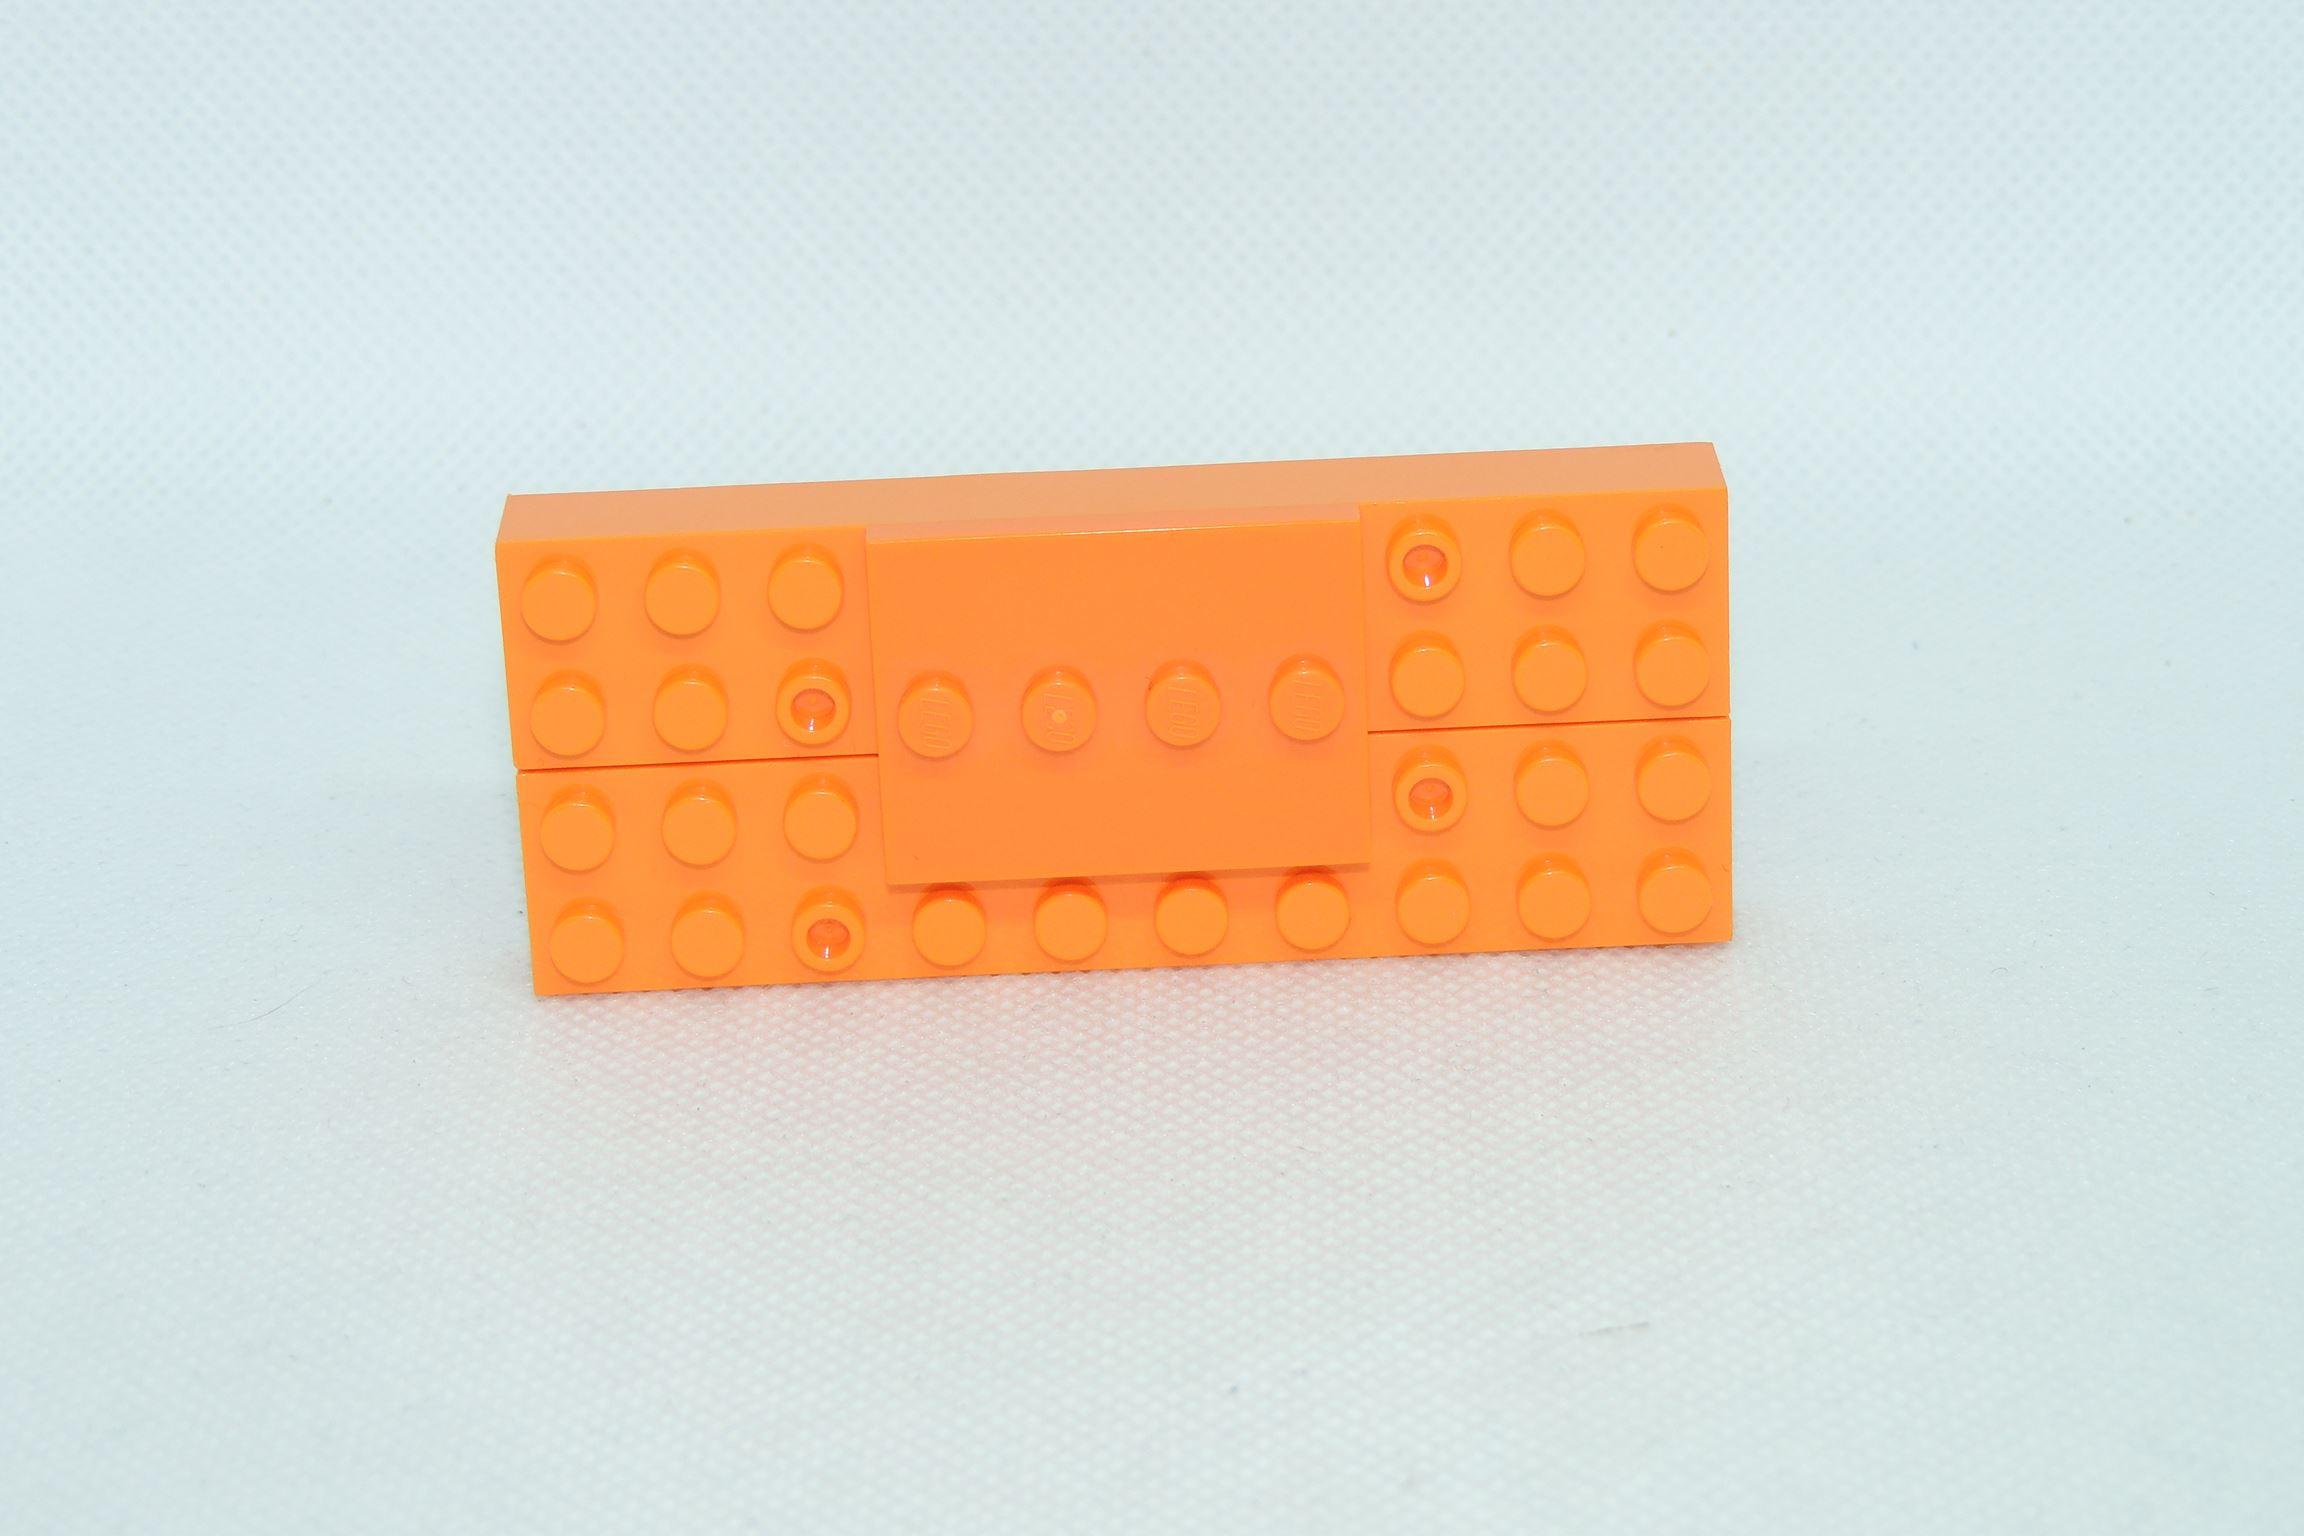 3×4 Tile Modified (die aus dem EU-IPO-Verfahren) von Lego und 2×10 Bricks von Oxford.